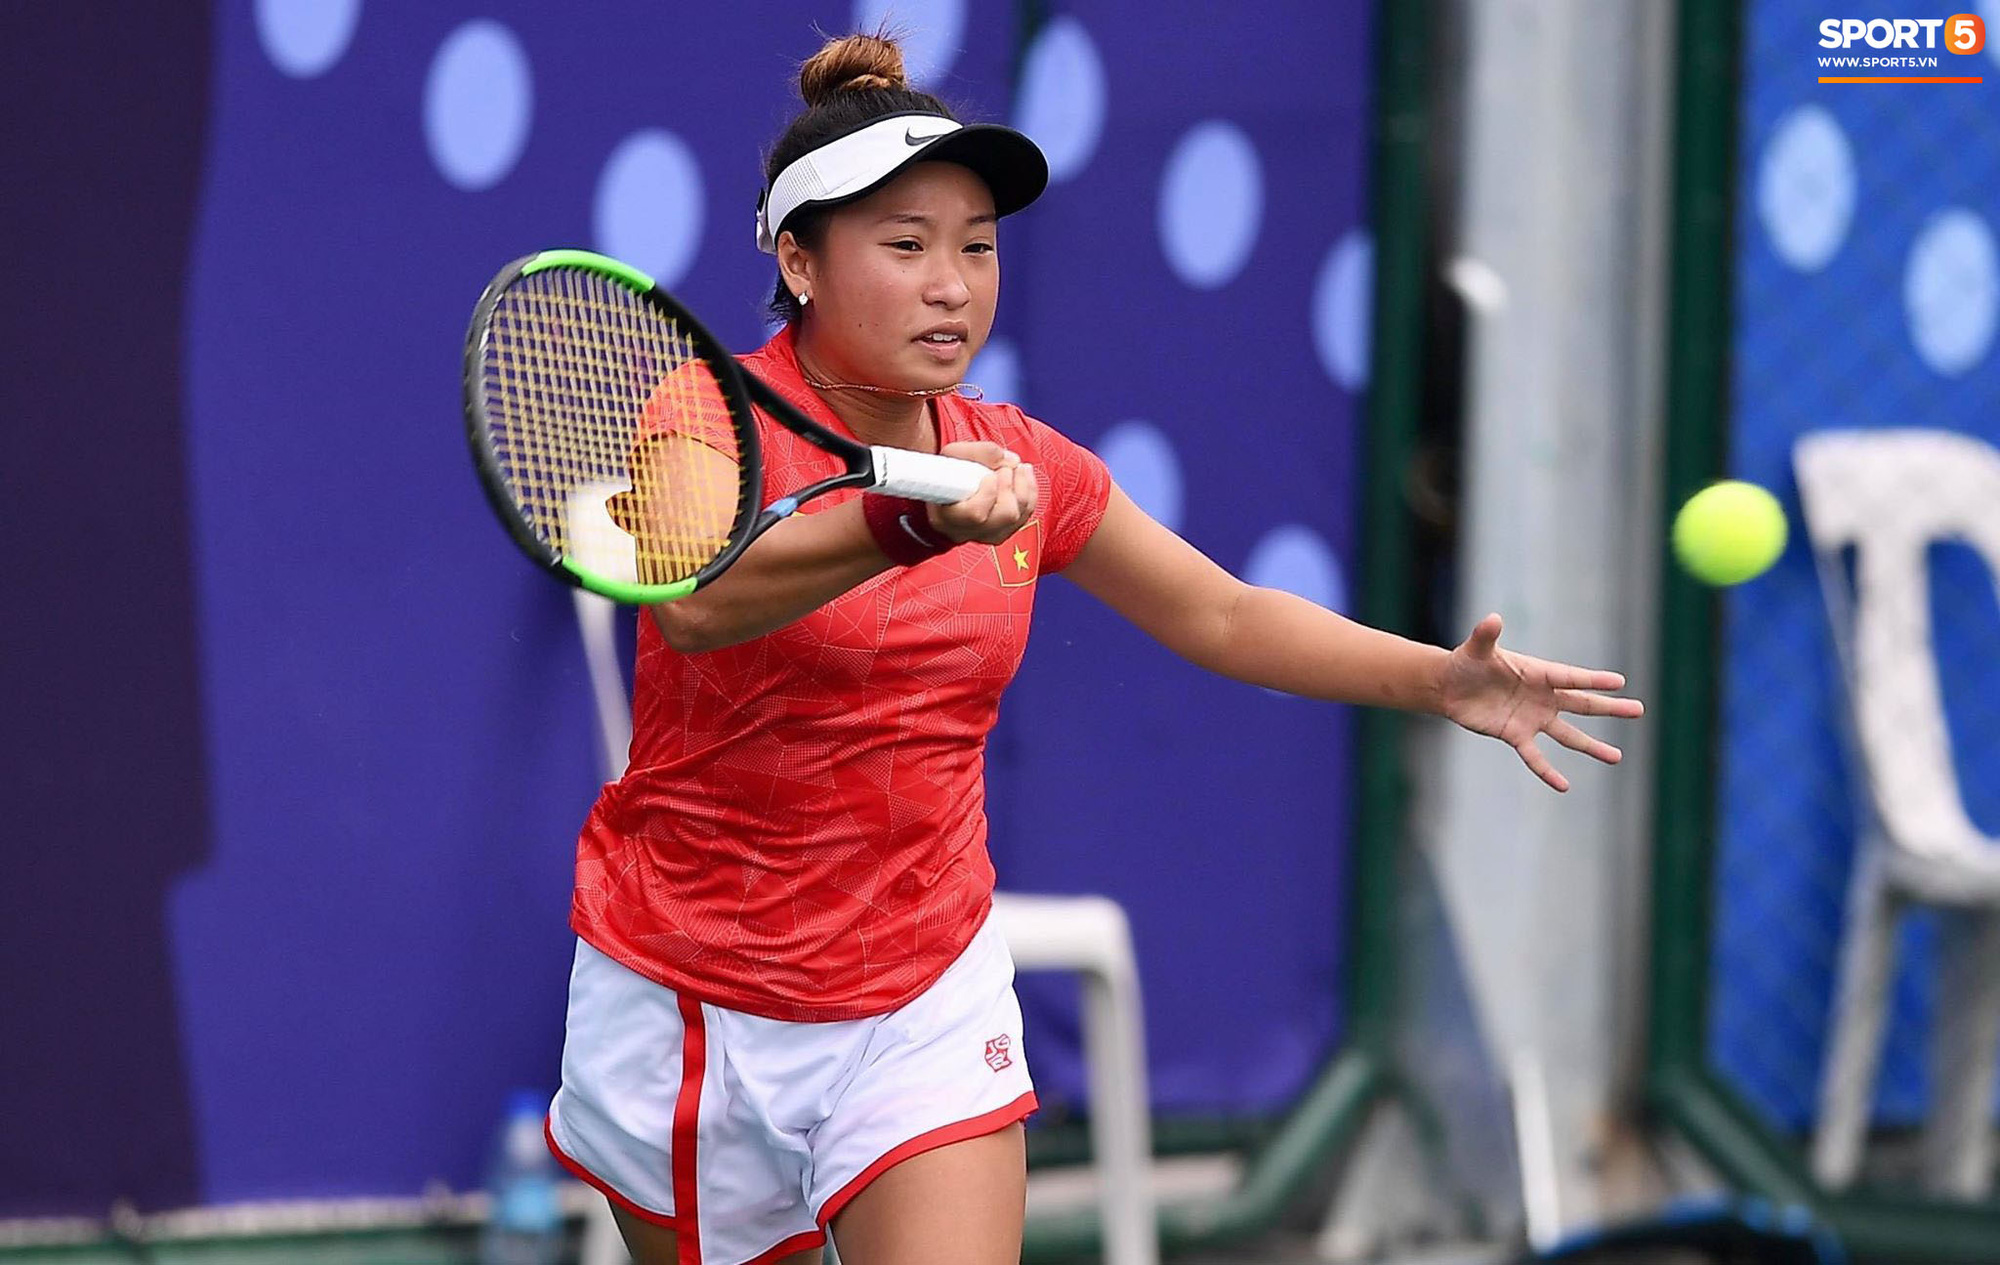 SEA Games 30 ngày 2/12: Thái Lan giúp tuyển nữ Việt Nam vào bán kết ở ngôi nhất bảng - Ảnh 26.